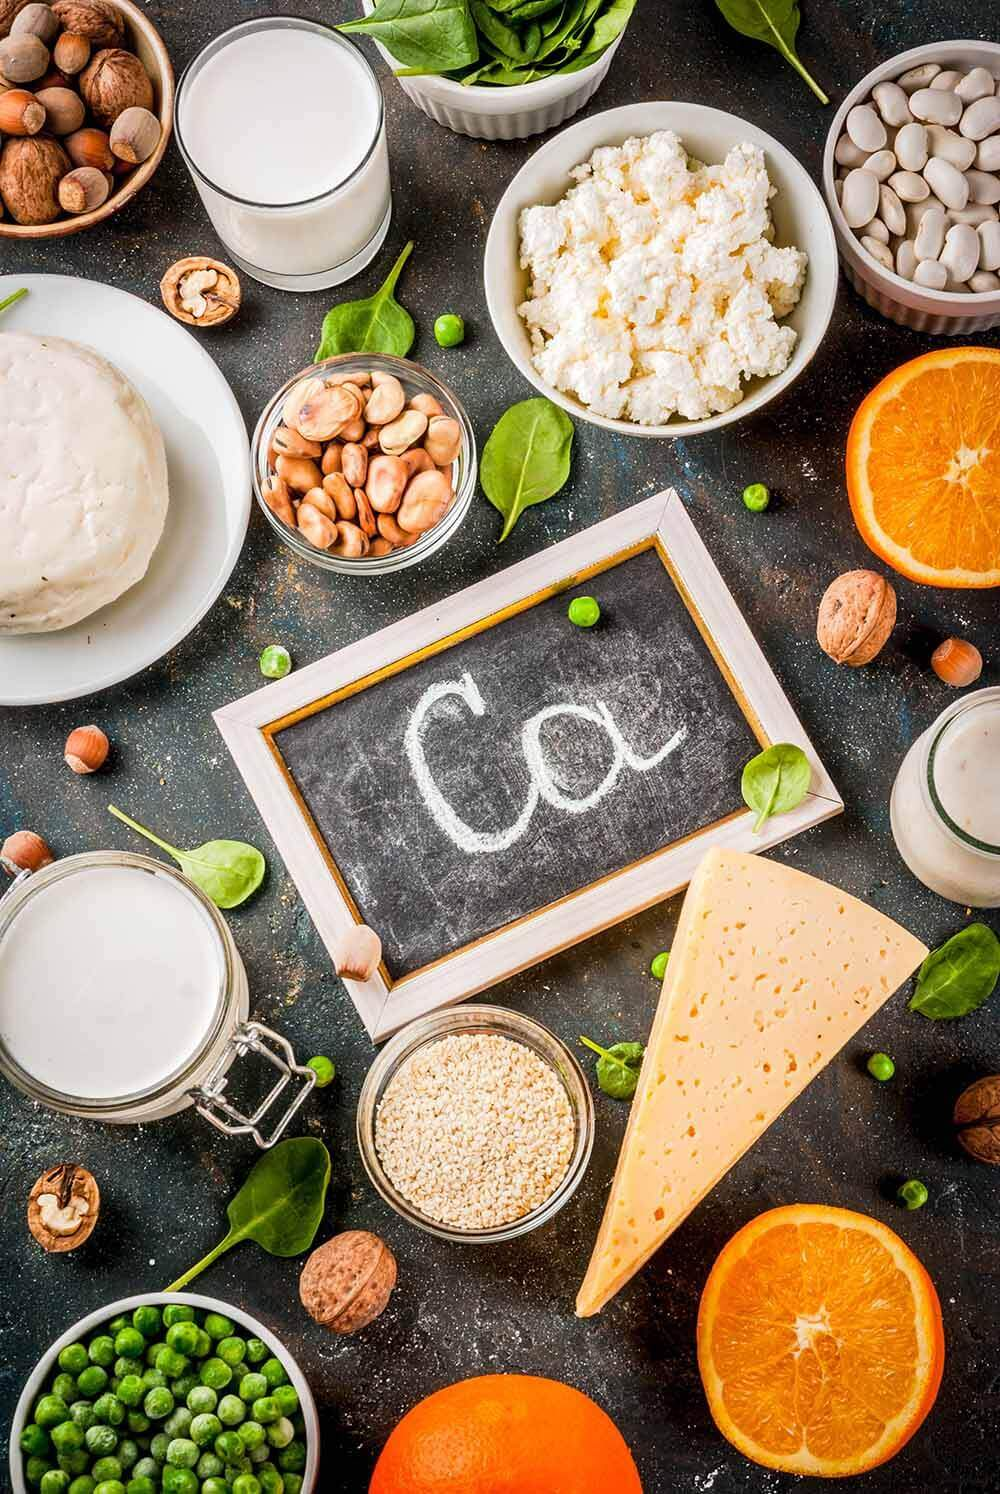 Calcium Supplements Top 10 Brands Reviewed